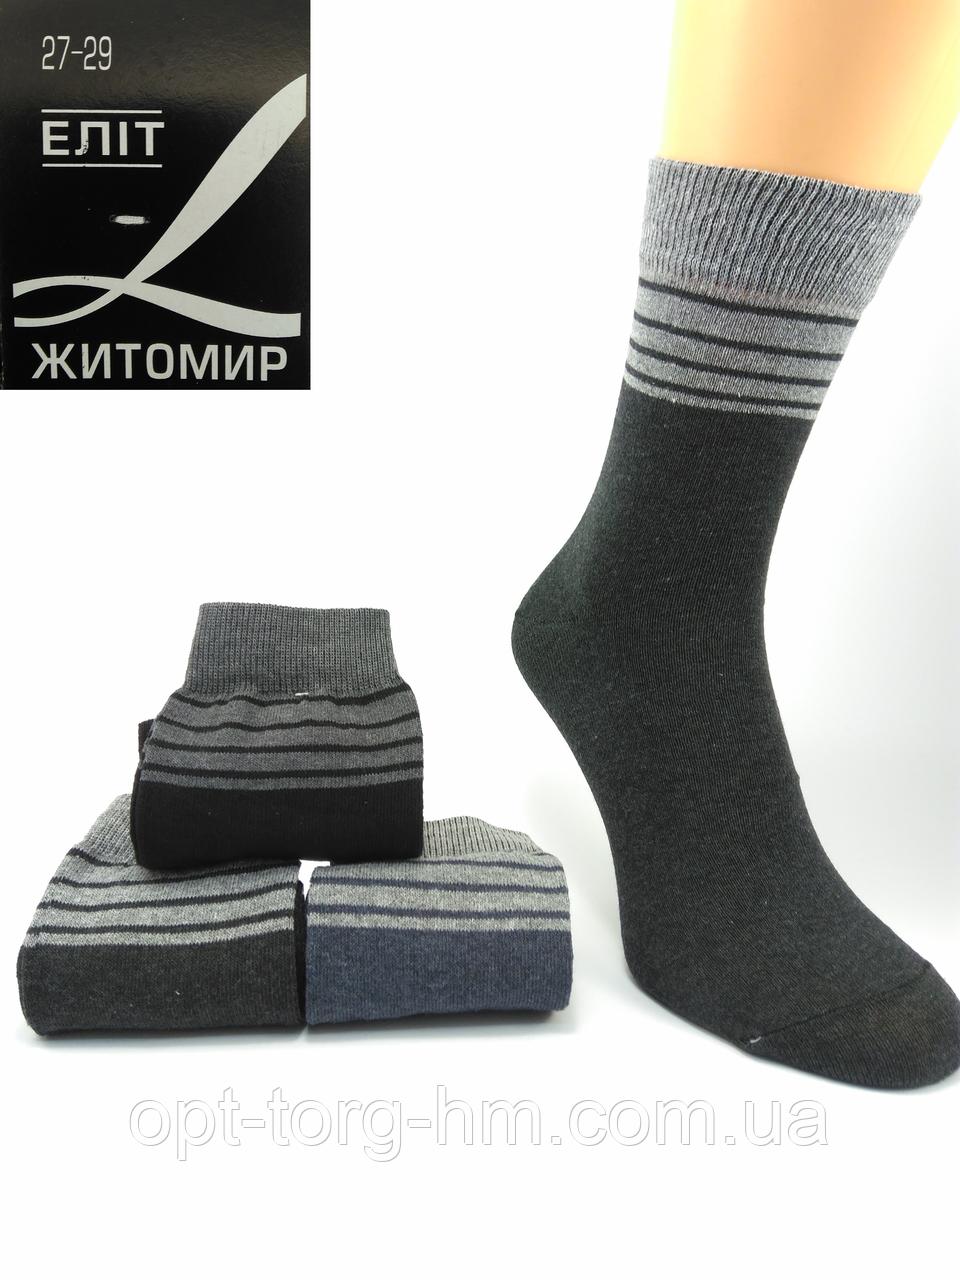 Носки мужские. Демисезонные Микс 3 цвета 27-29 (41-44обувь)